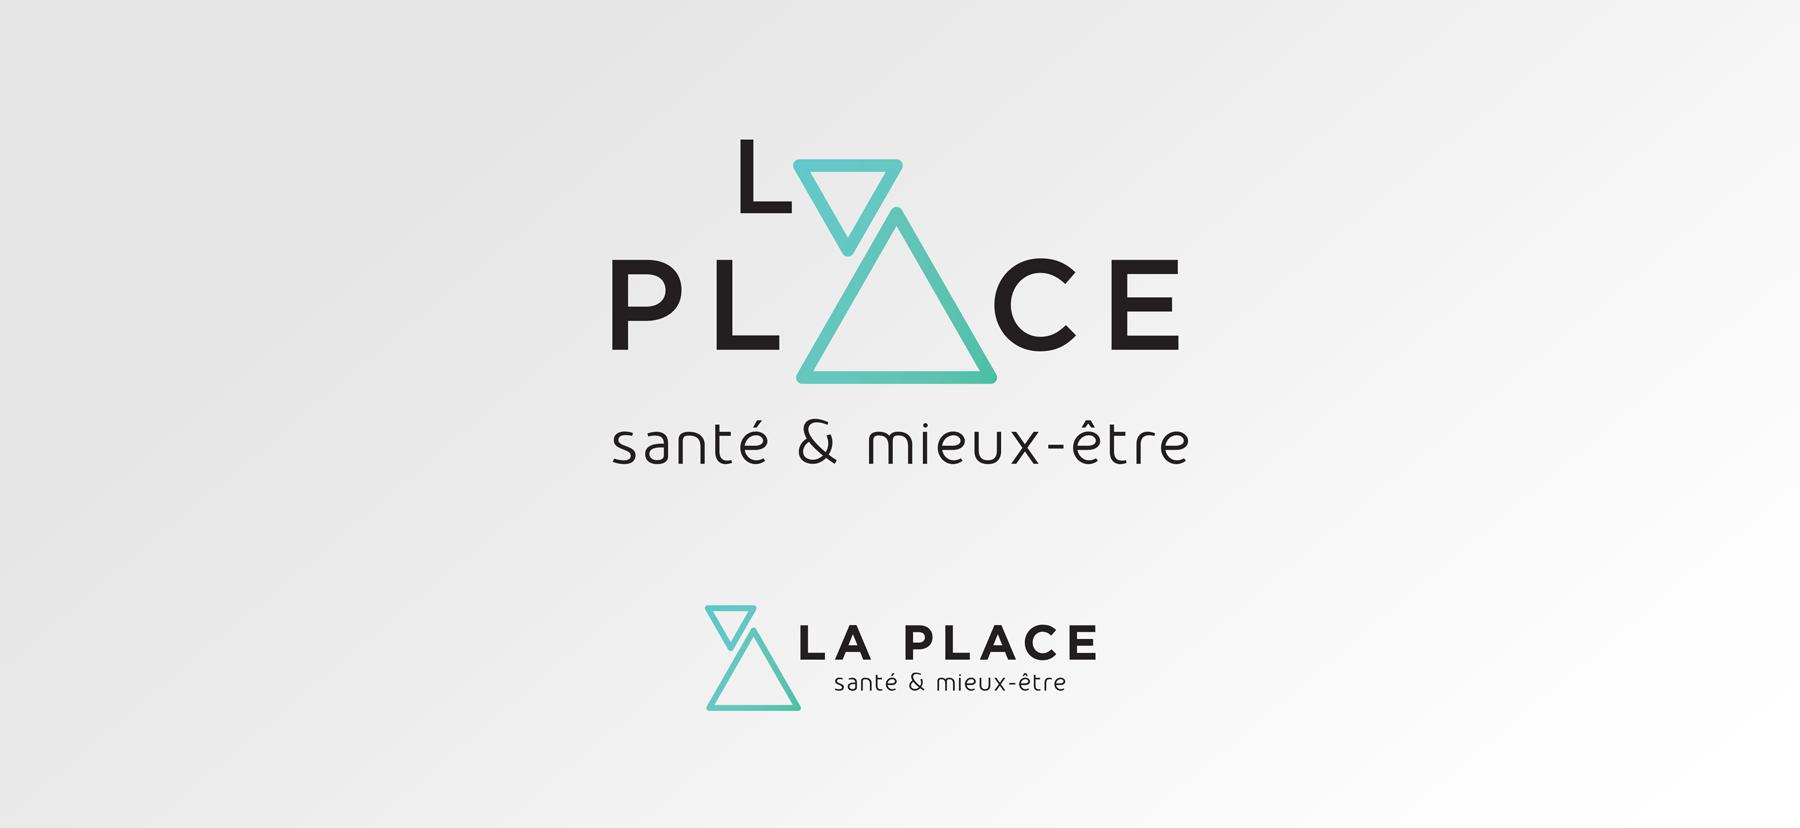 La place santé - logo